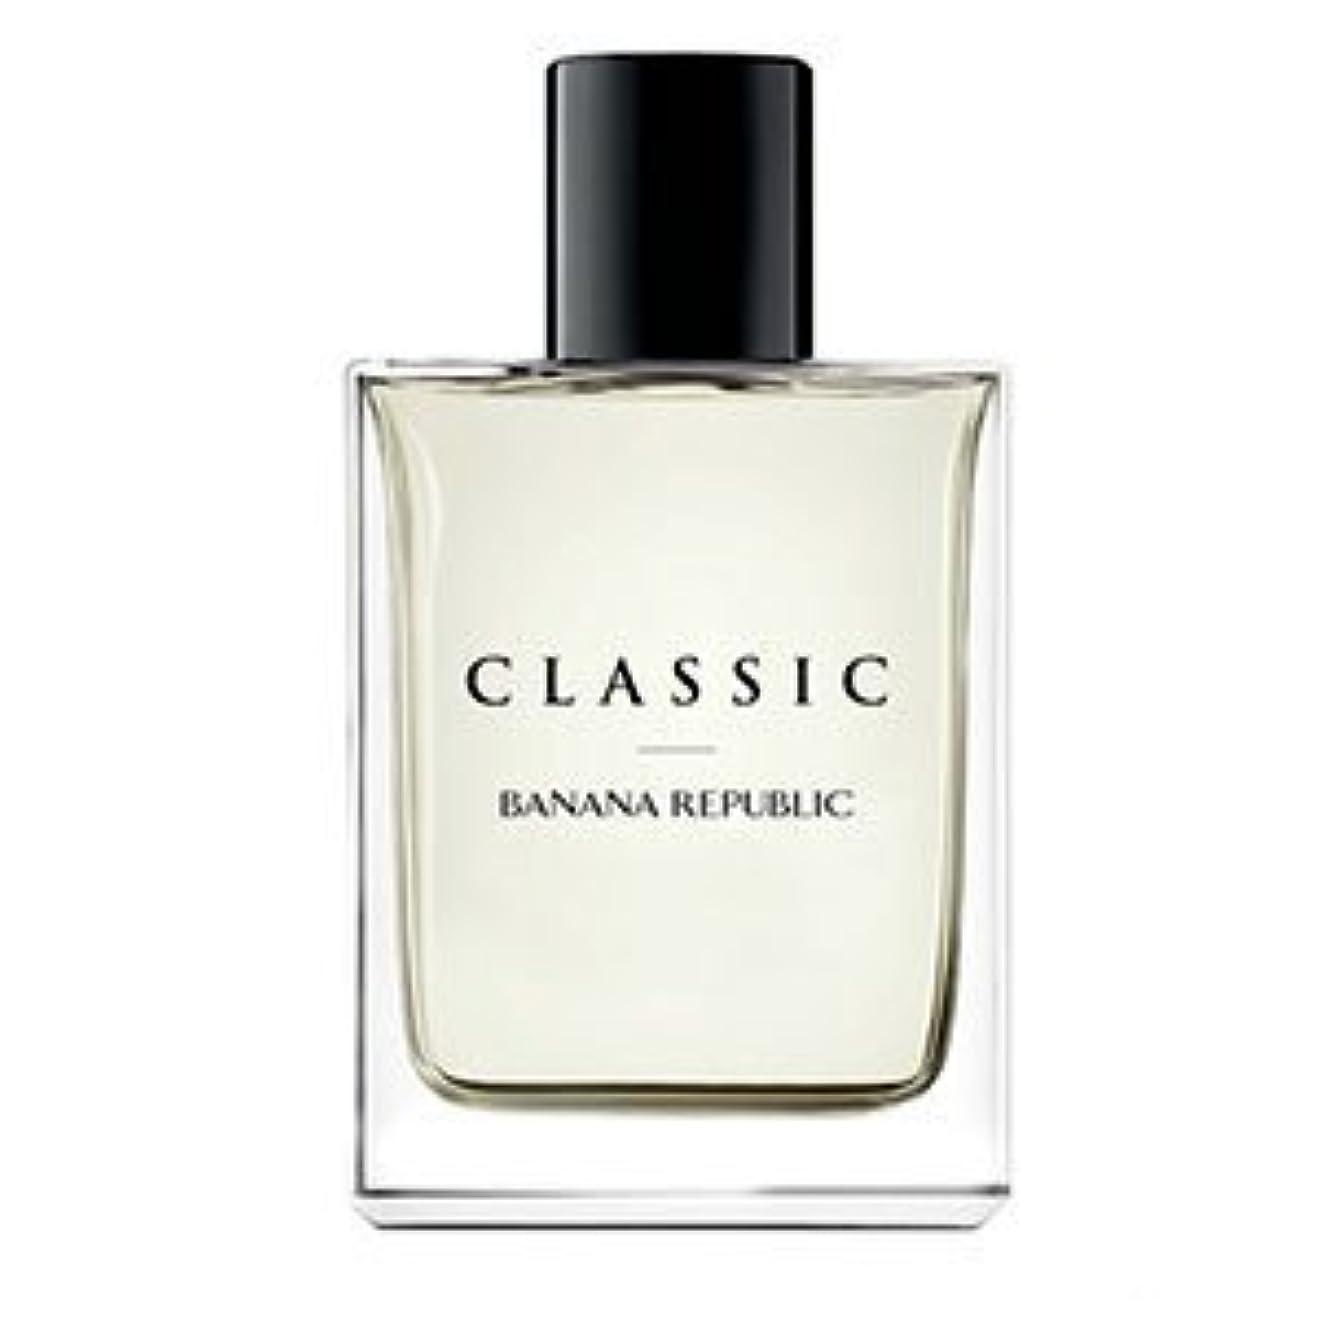 バナナリパブリック (BANANAR EP UBLIC) 香水 クラッシック EDT SP 125ml 【並行輸入品】